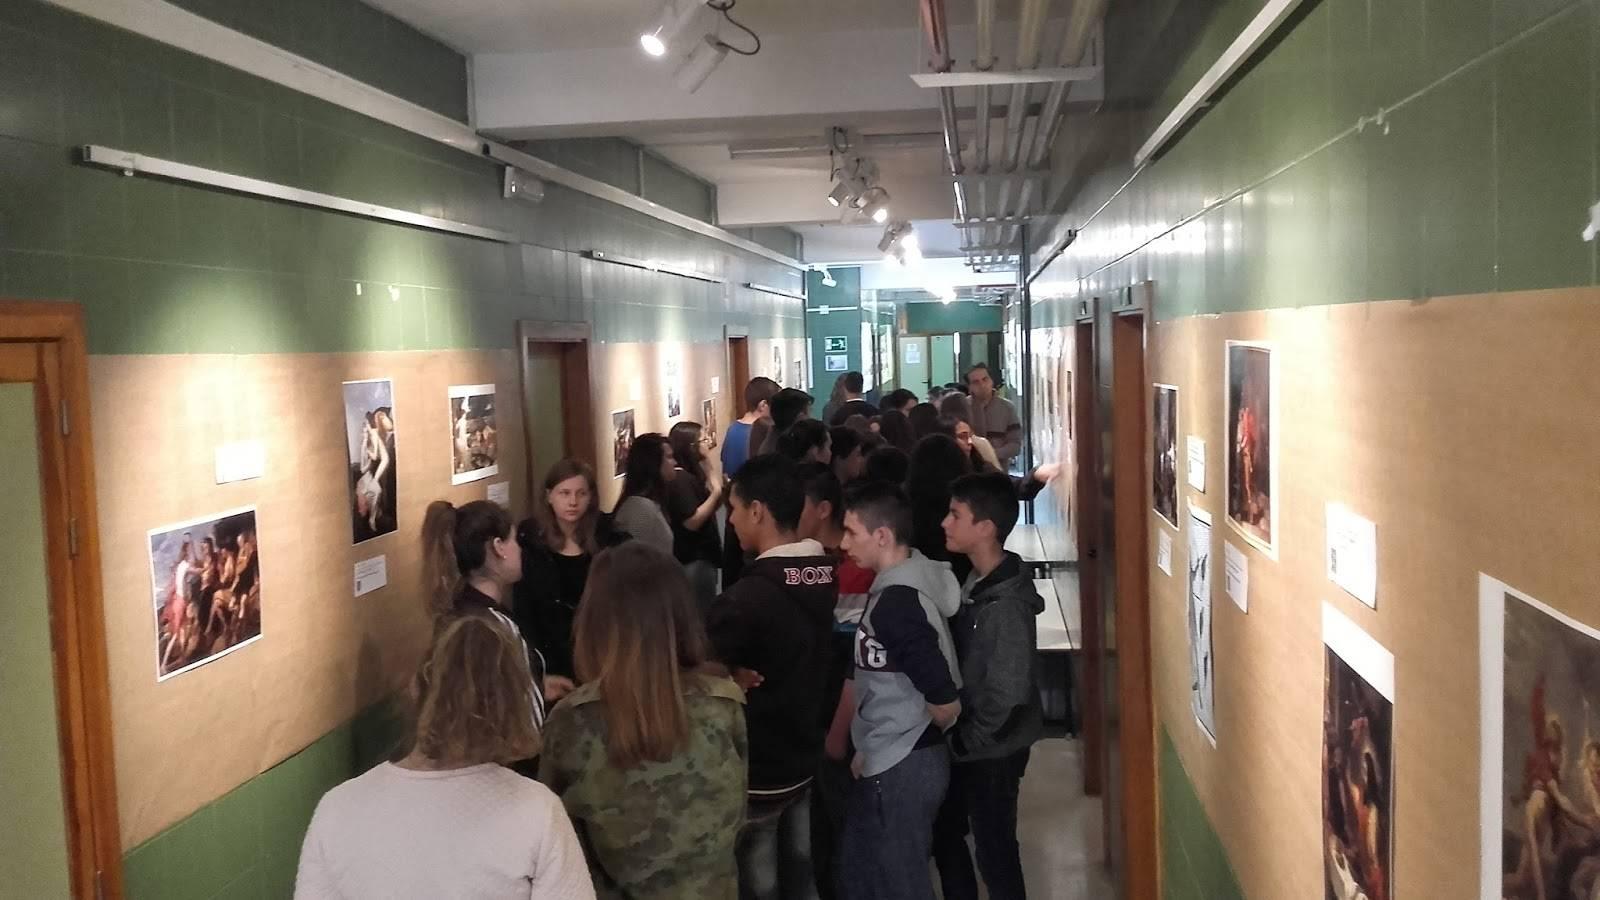 exposicione en el instituto hermogenes rodriguez de herencia - La mitología protagonista en la exposición 2.0 del Hermógenes Rodriguez